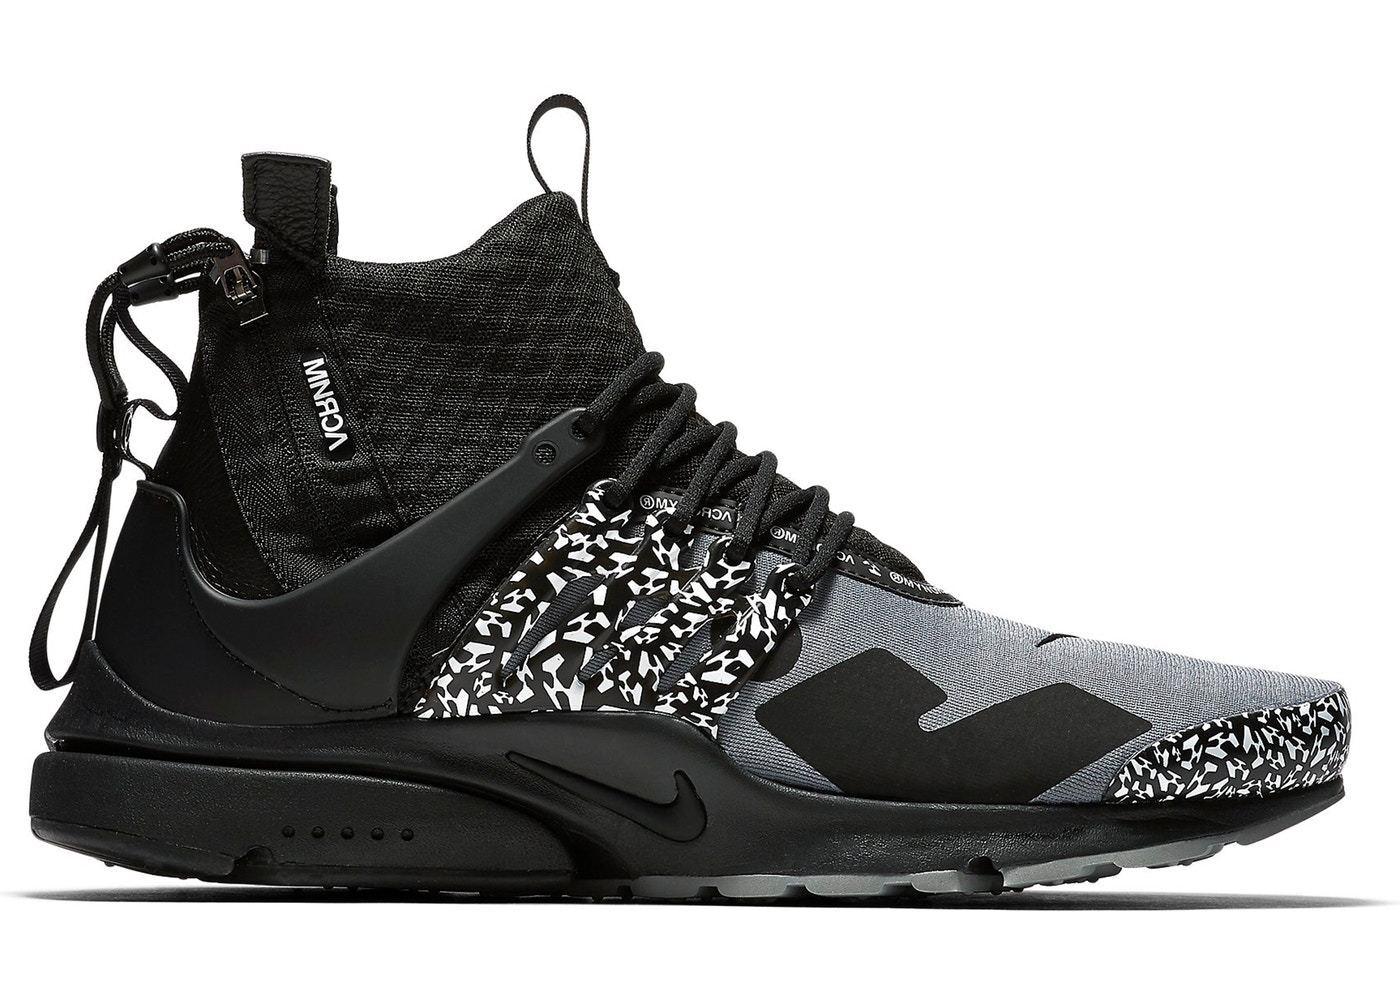 e9c2537ce27581 Nike DS Air Presto Mid Acronym Acronym Acronym NRG AH7832-001 Cool Grey  Black Limited